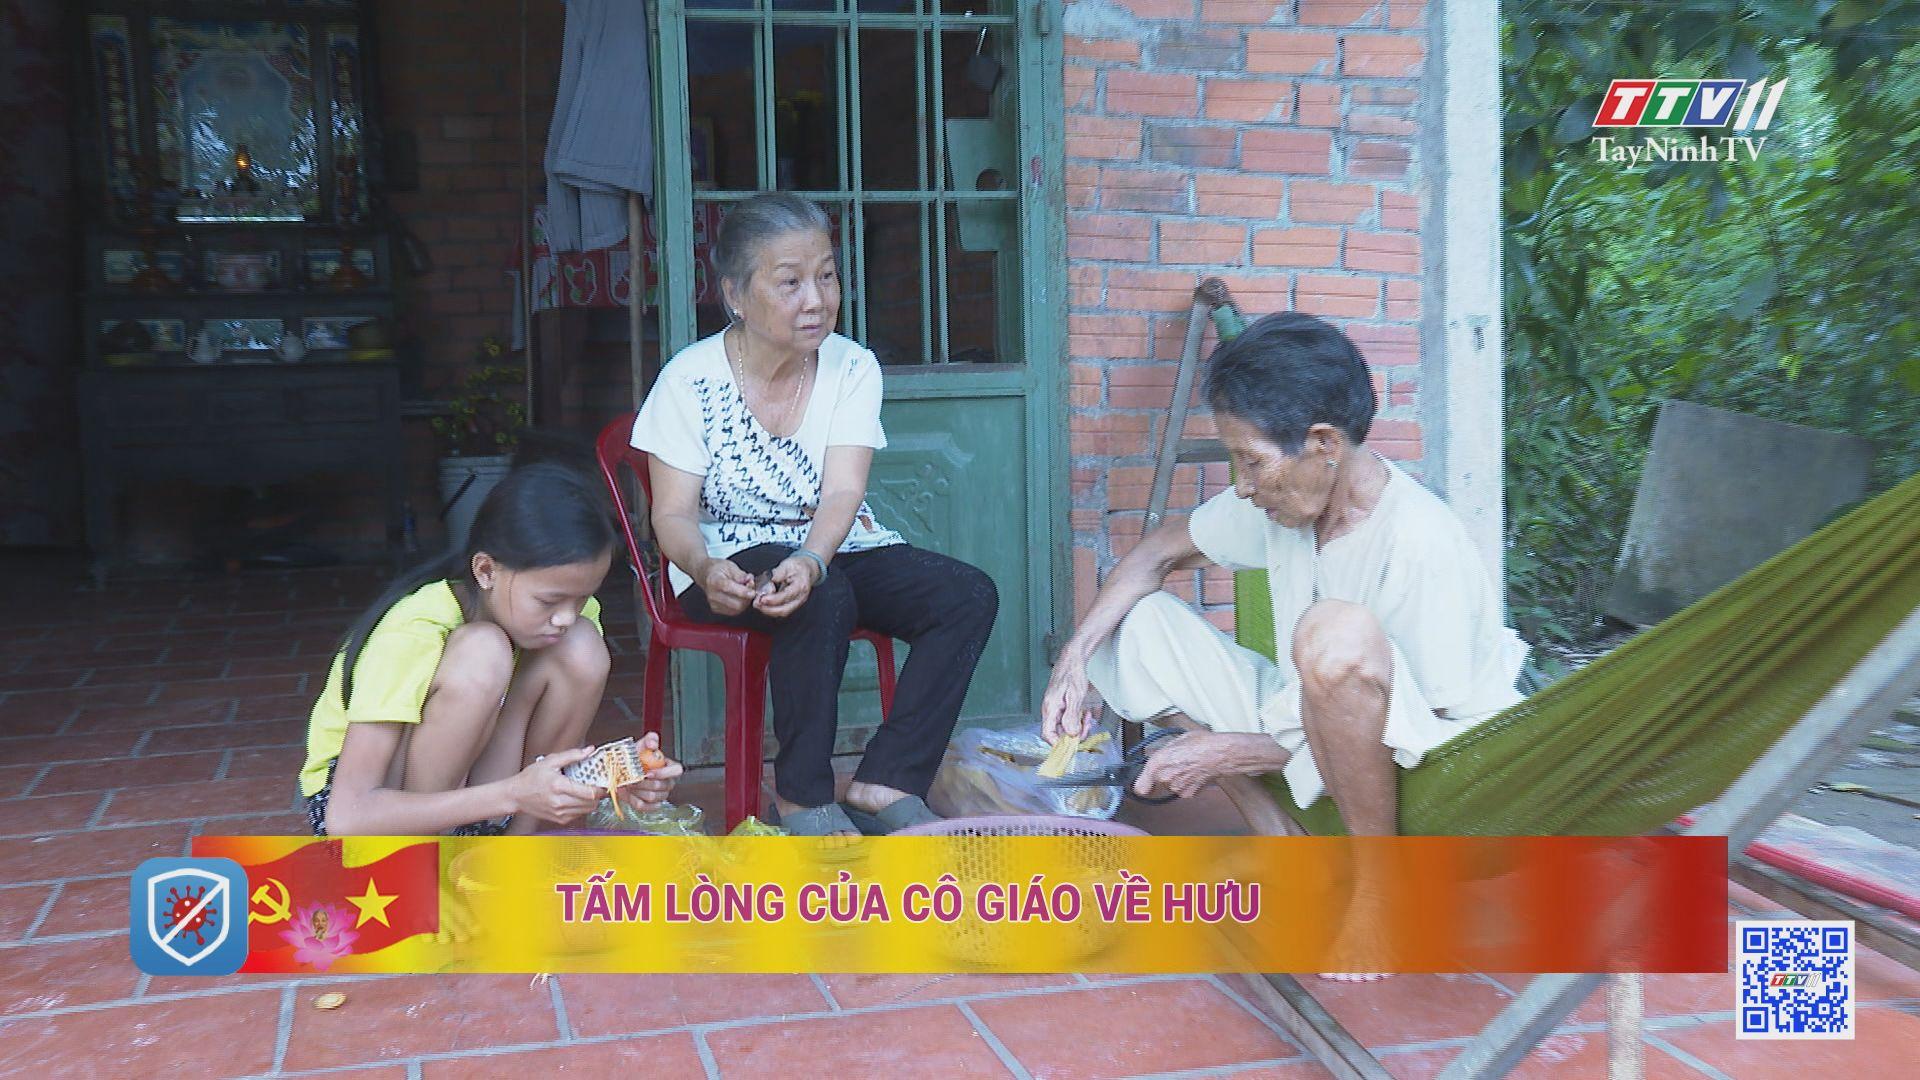 Tấm lòng cô giáo về hưu | HỌC TẬP VÀ LÀM THEO TƯ TƯỞNG, ĐẠO ĐỨC, PHONG CÁCH HỒ CHÍ MINH | TayNinhTV